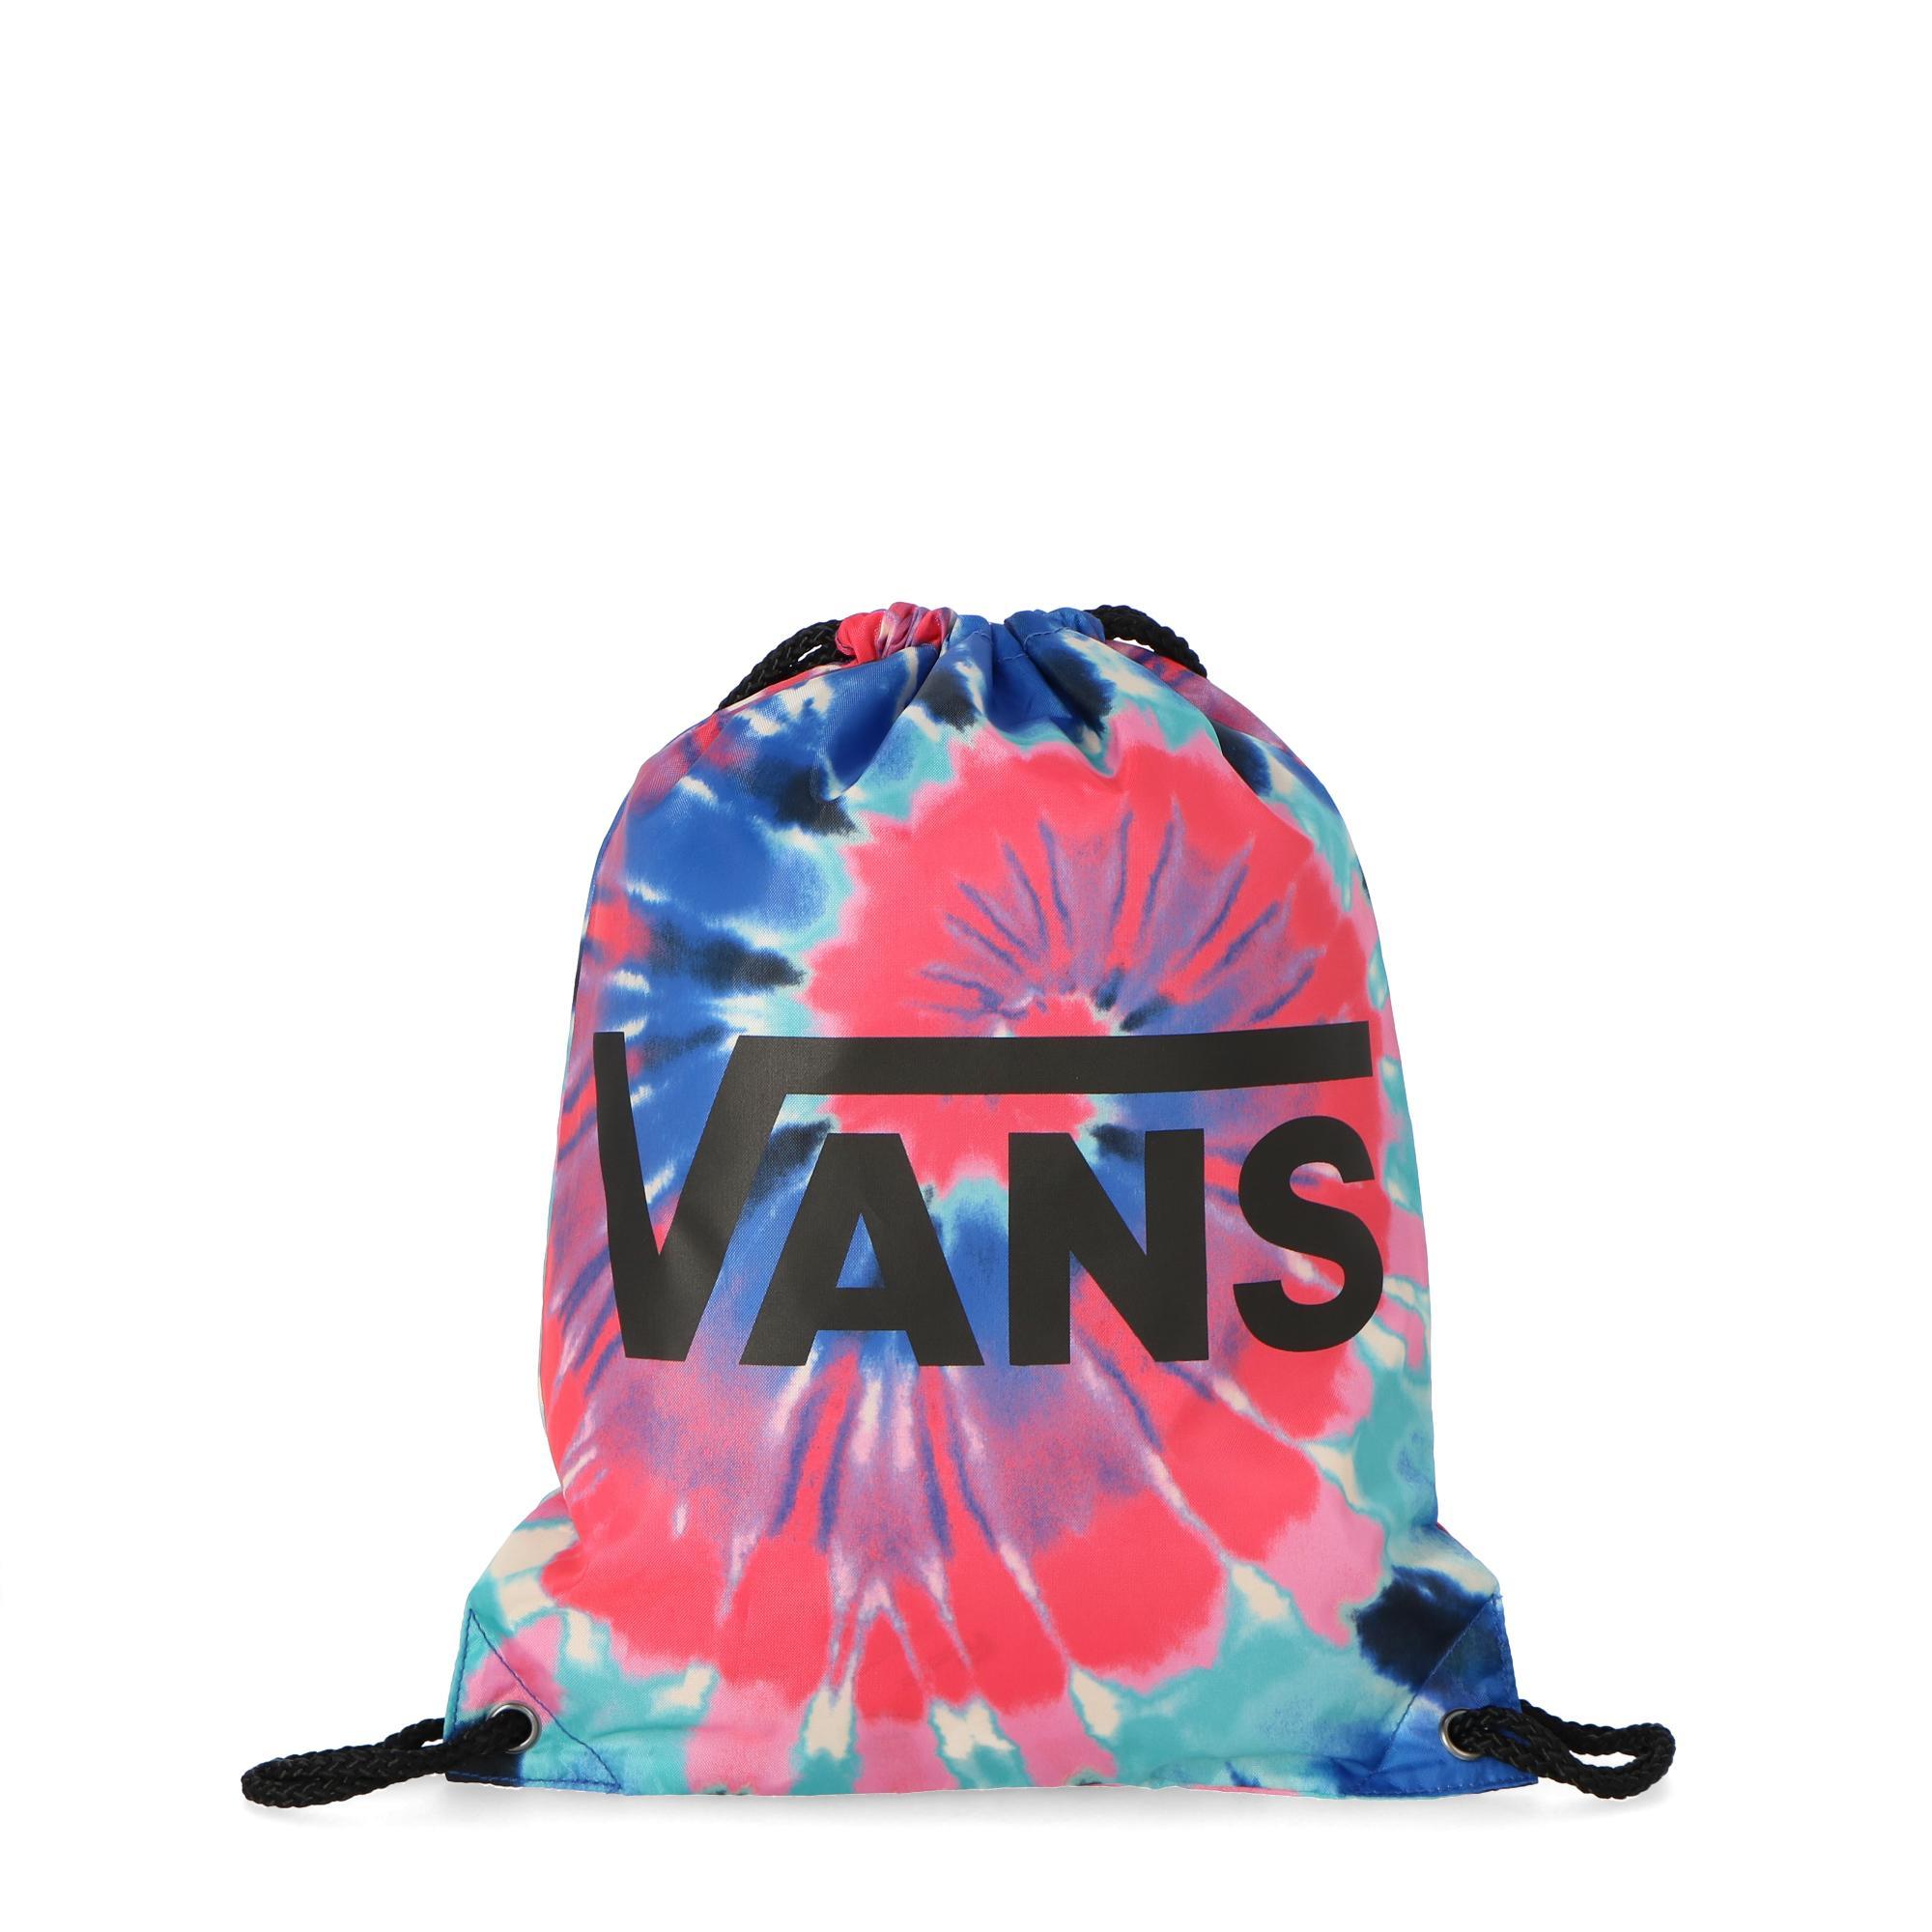 627c6e5161 Vans Benched Bag Black Tye Dye